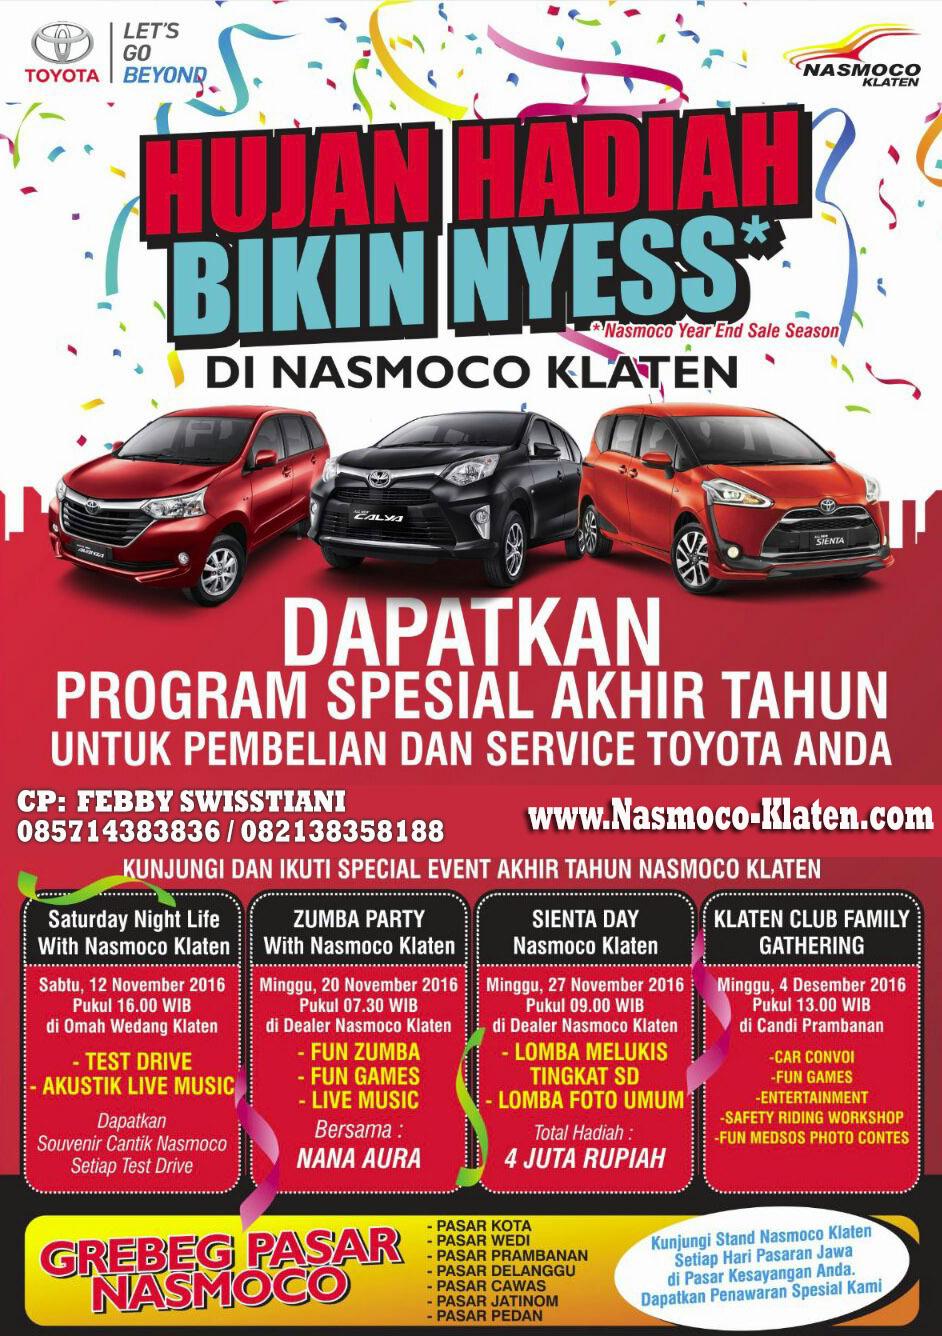 Spesial Toyota Event Akhir Tahun Bersama Nasmoco Klaten